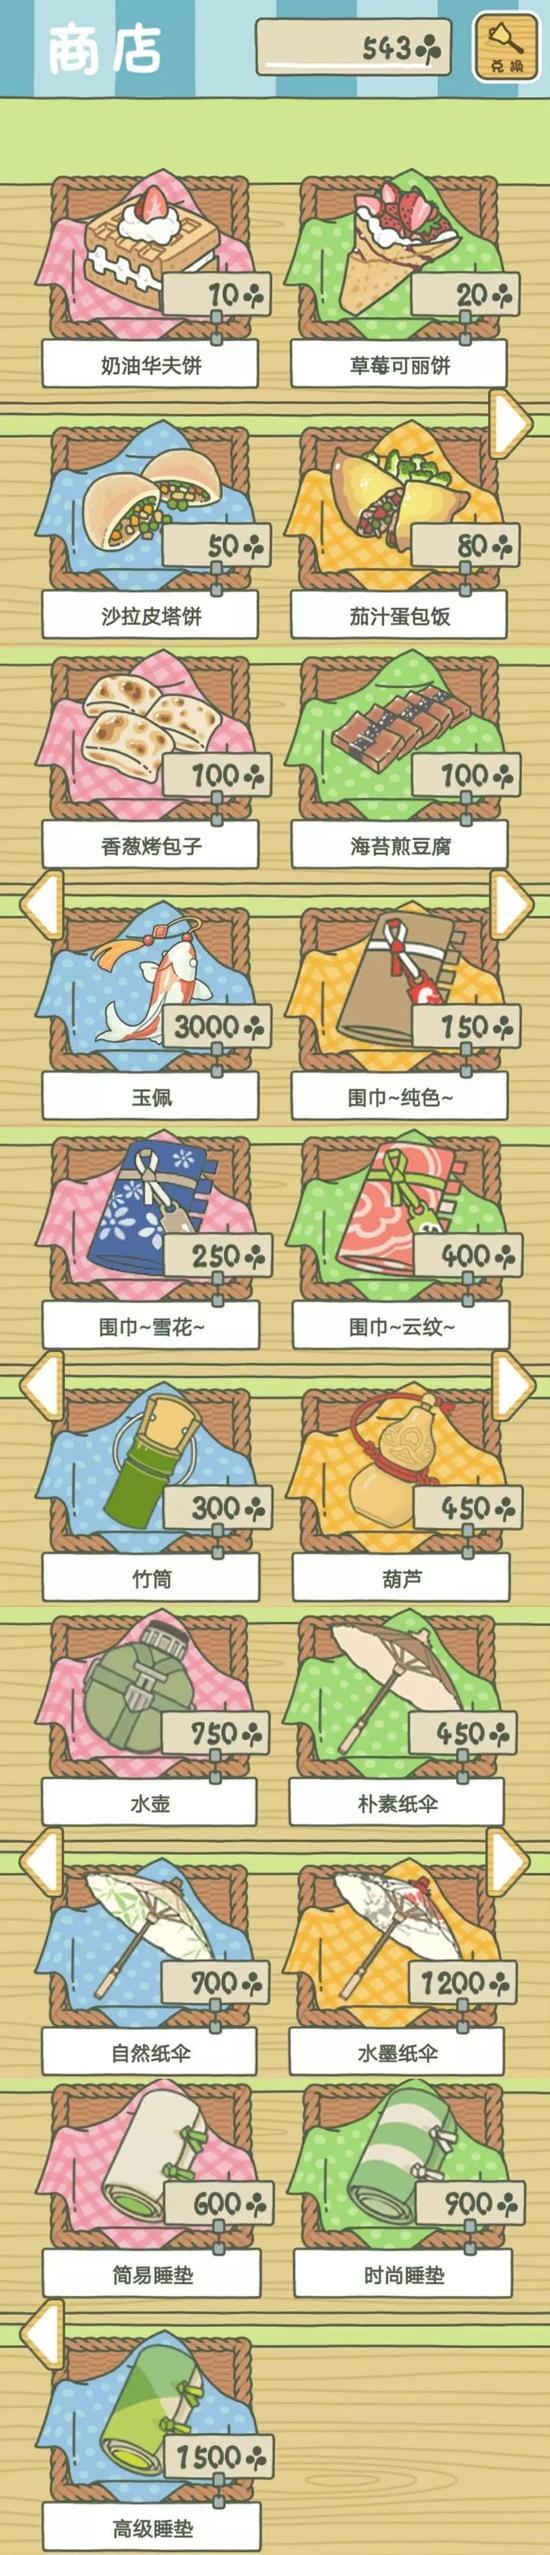 中国版商店